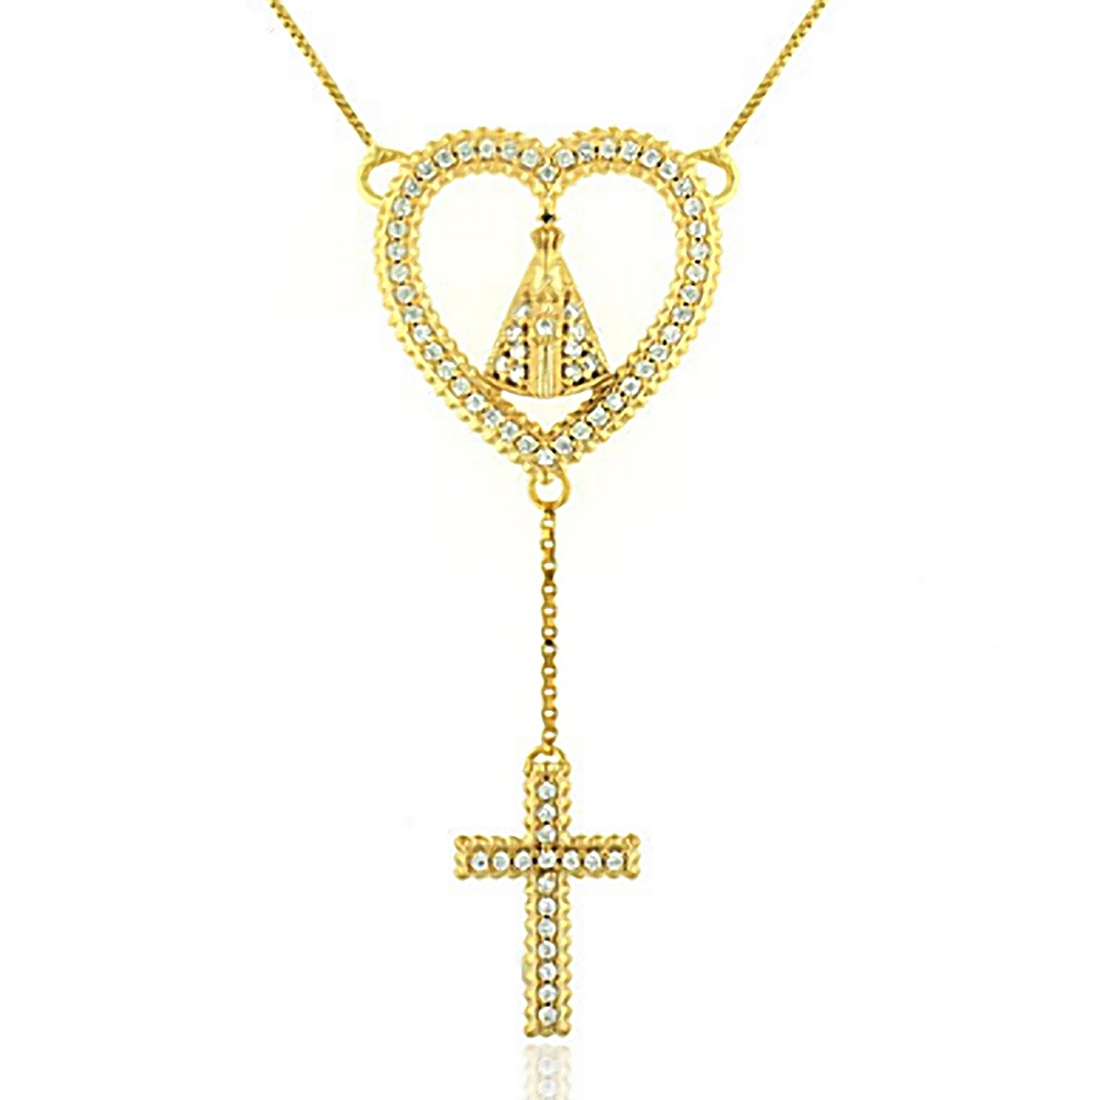 Colar Coração Nossa Senhora Aparecida Semijoia em Ouro 18K com Micro Zircônia Branca  - Soloyou